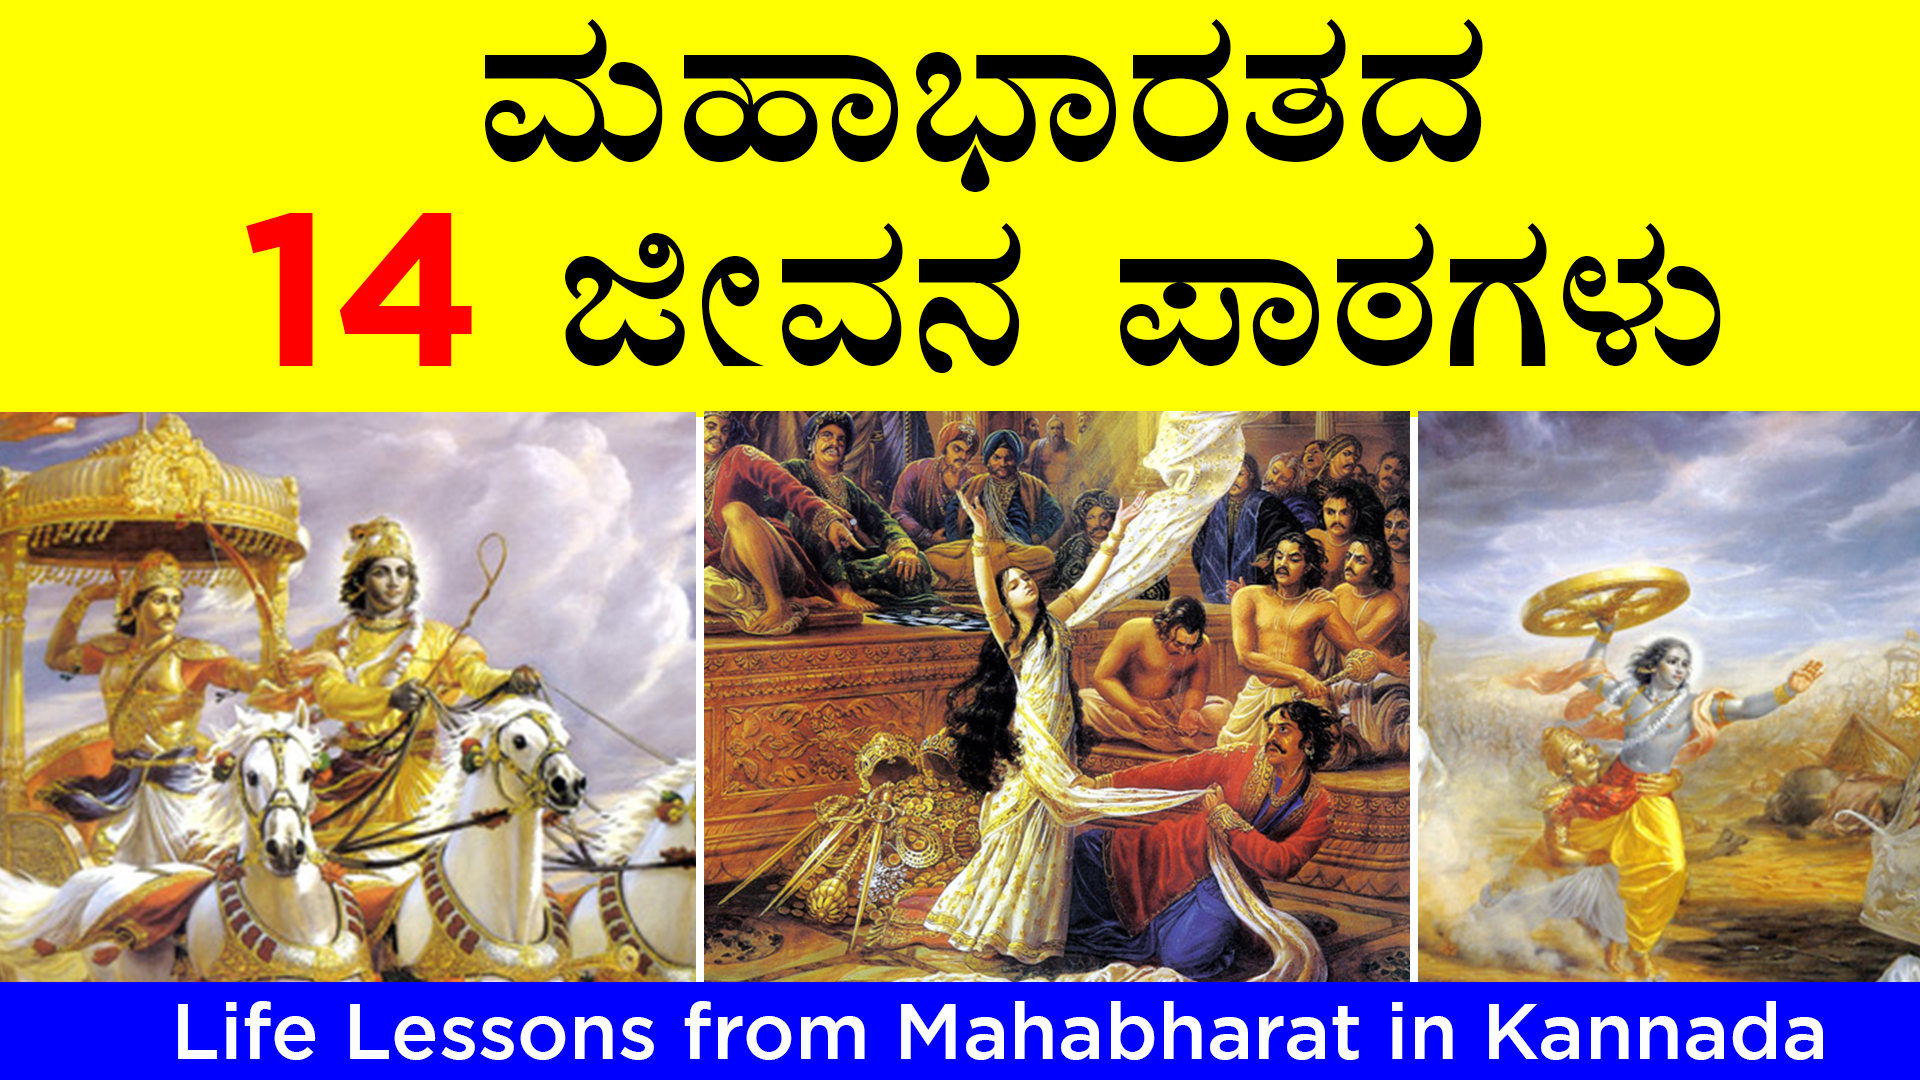 ಮಹಾಭಾರತದ ಜೀವನ ಪಾಠಗಳು : Life Lessons from Mahabharat in Kannada